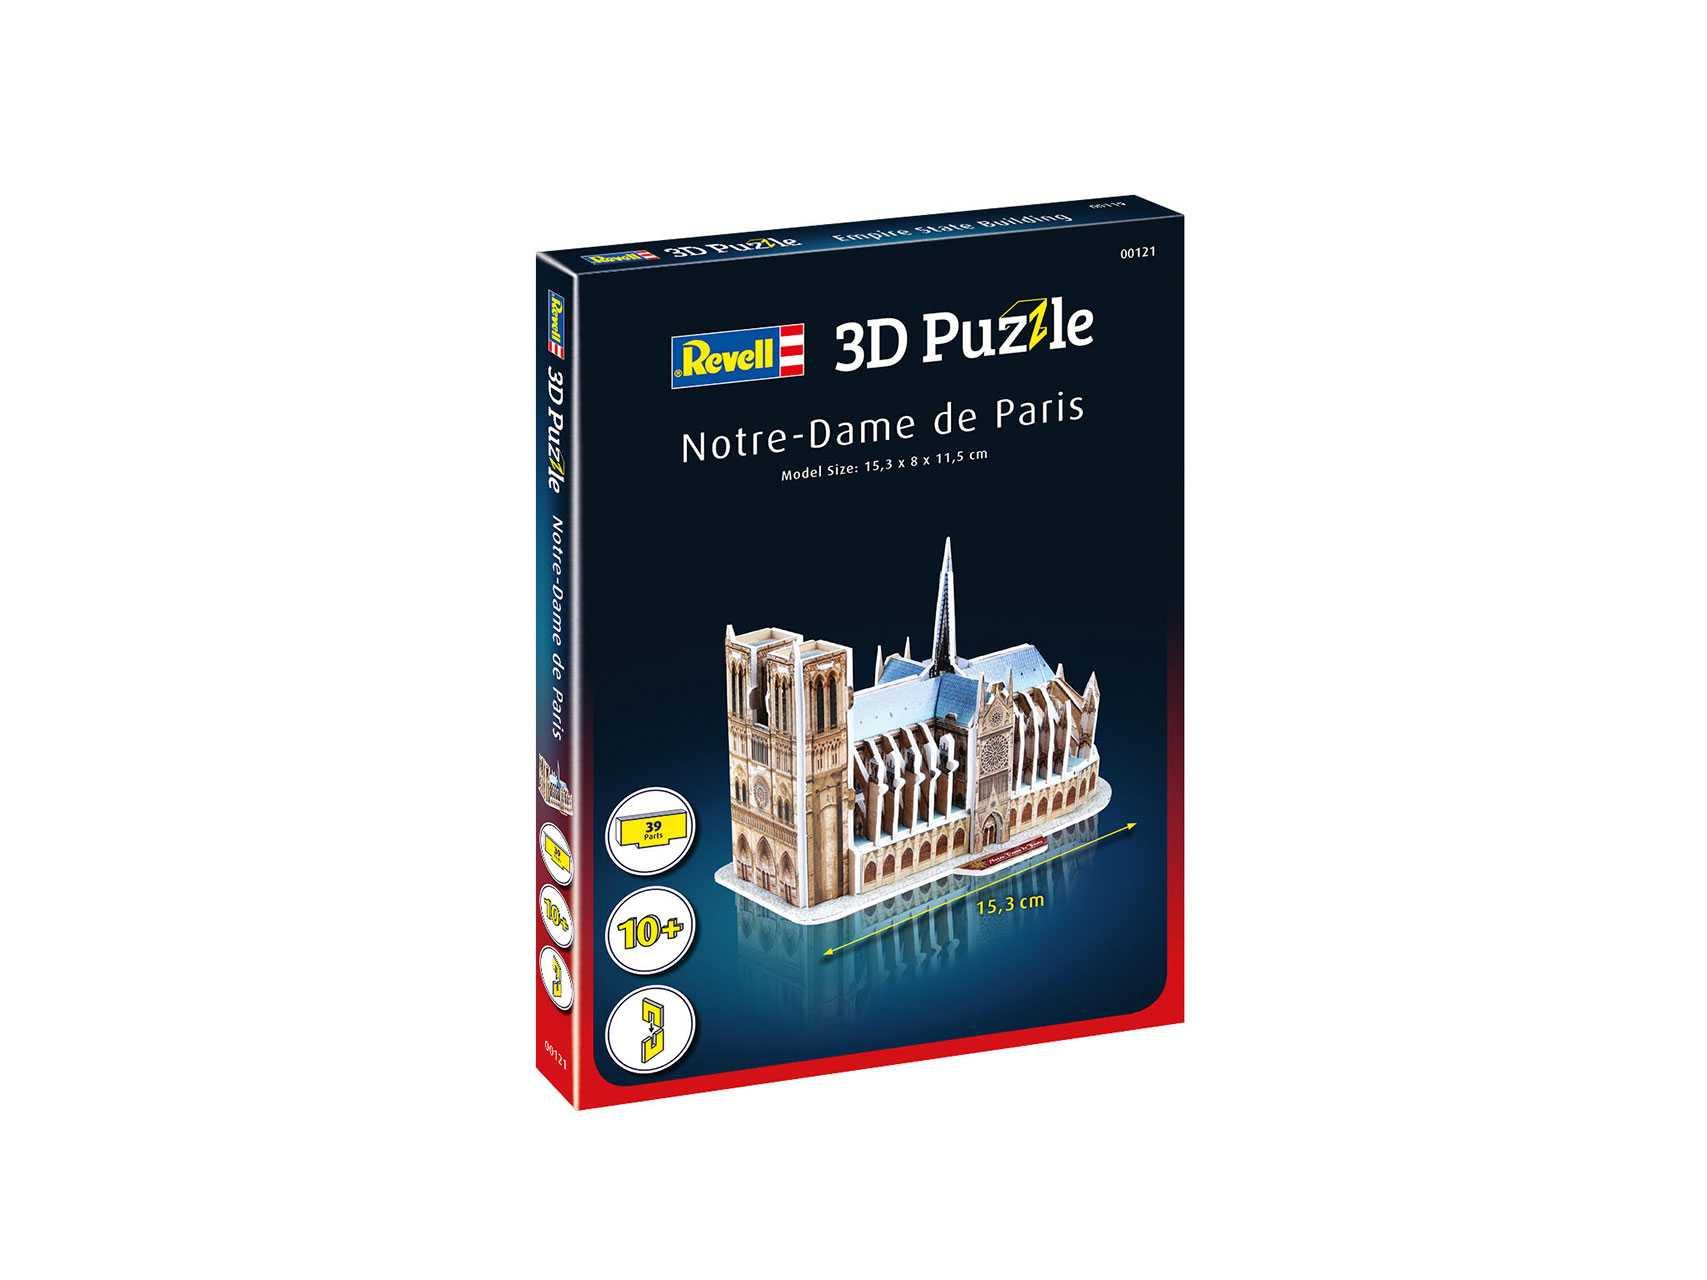 3D Puzzle Revell – Notre-Dame de Paris